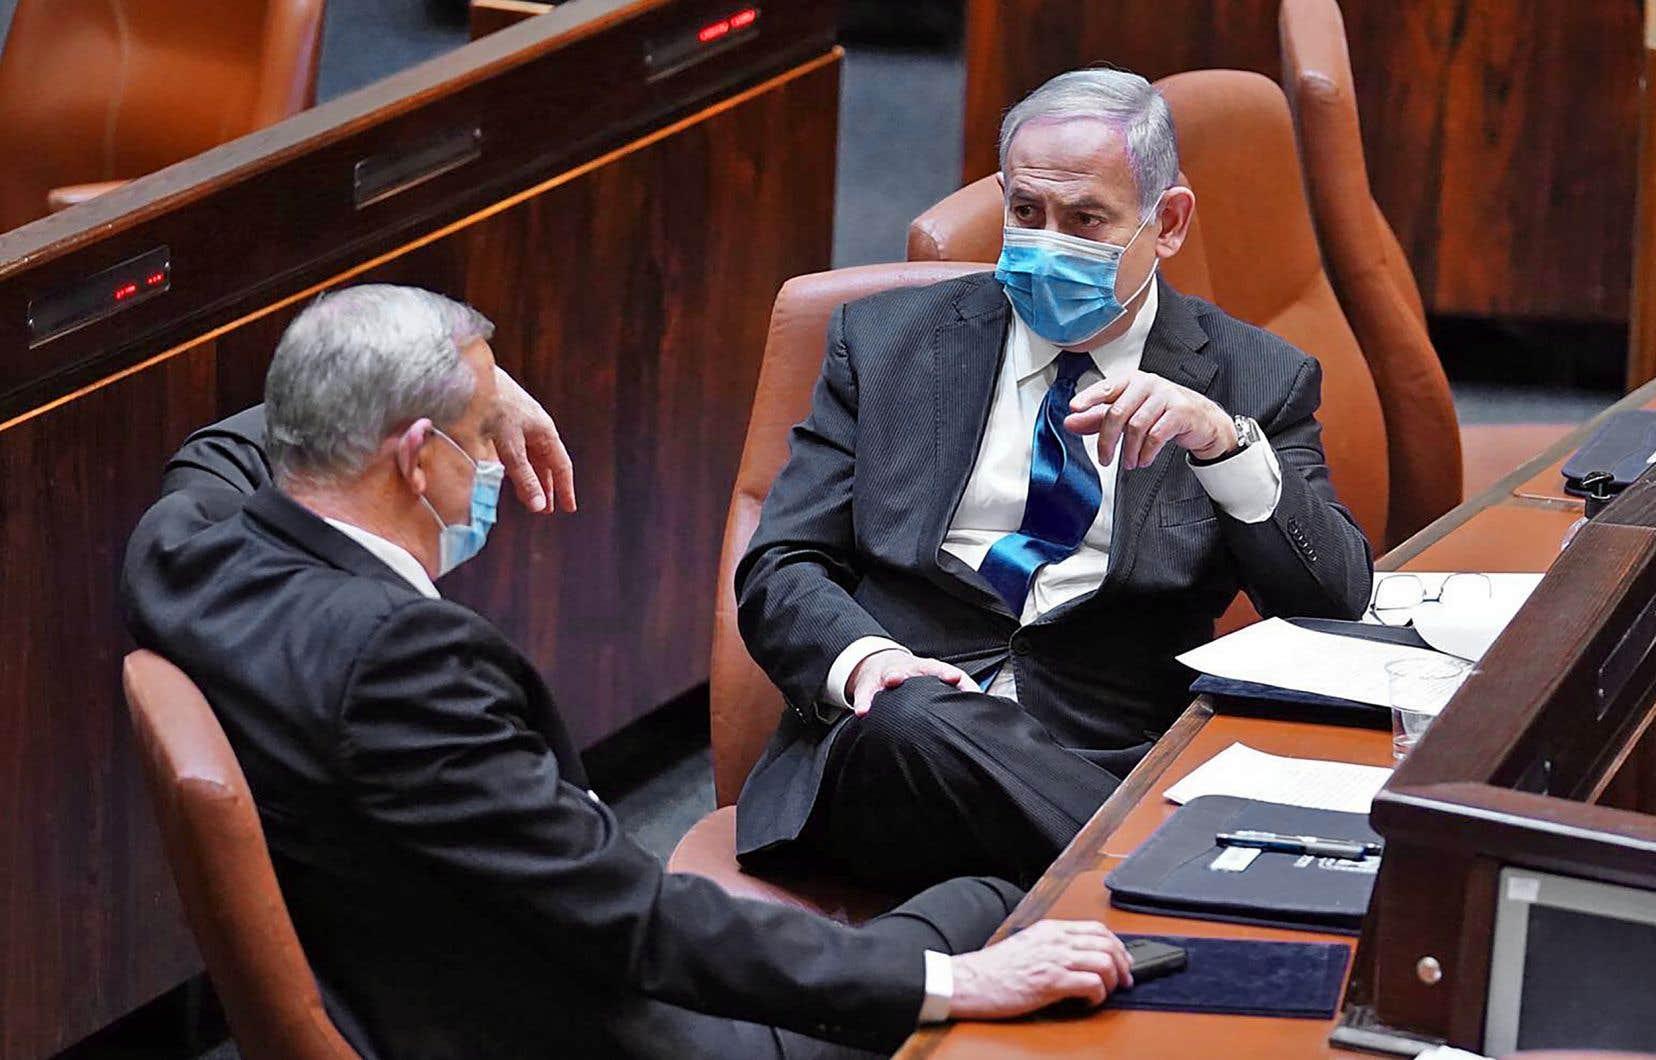 Le premier ministre israélien Benjamin Netanyahu (à droite) et Benny Gantz lors de la cérémonie d'assermentation du nouveau gouvernement à Jérusalem.